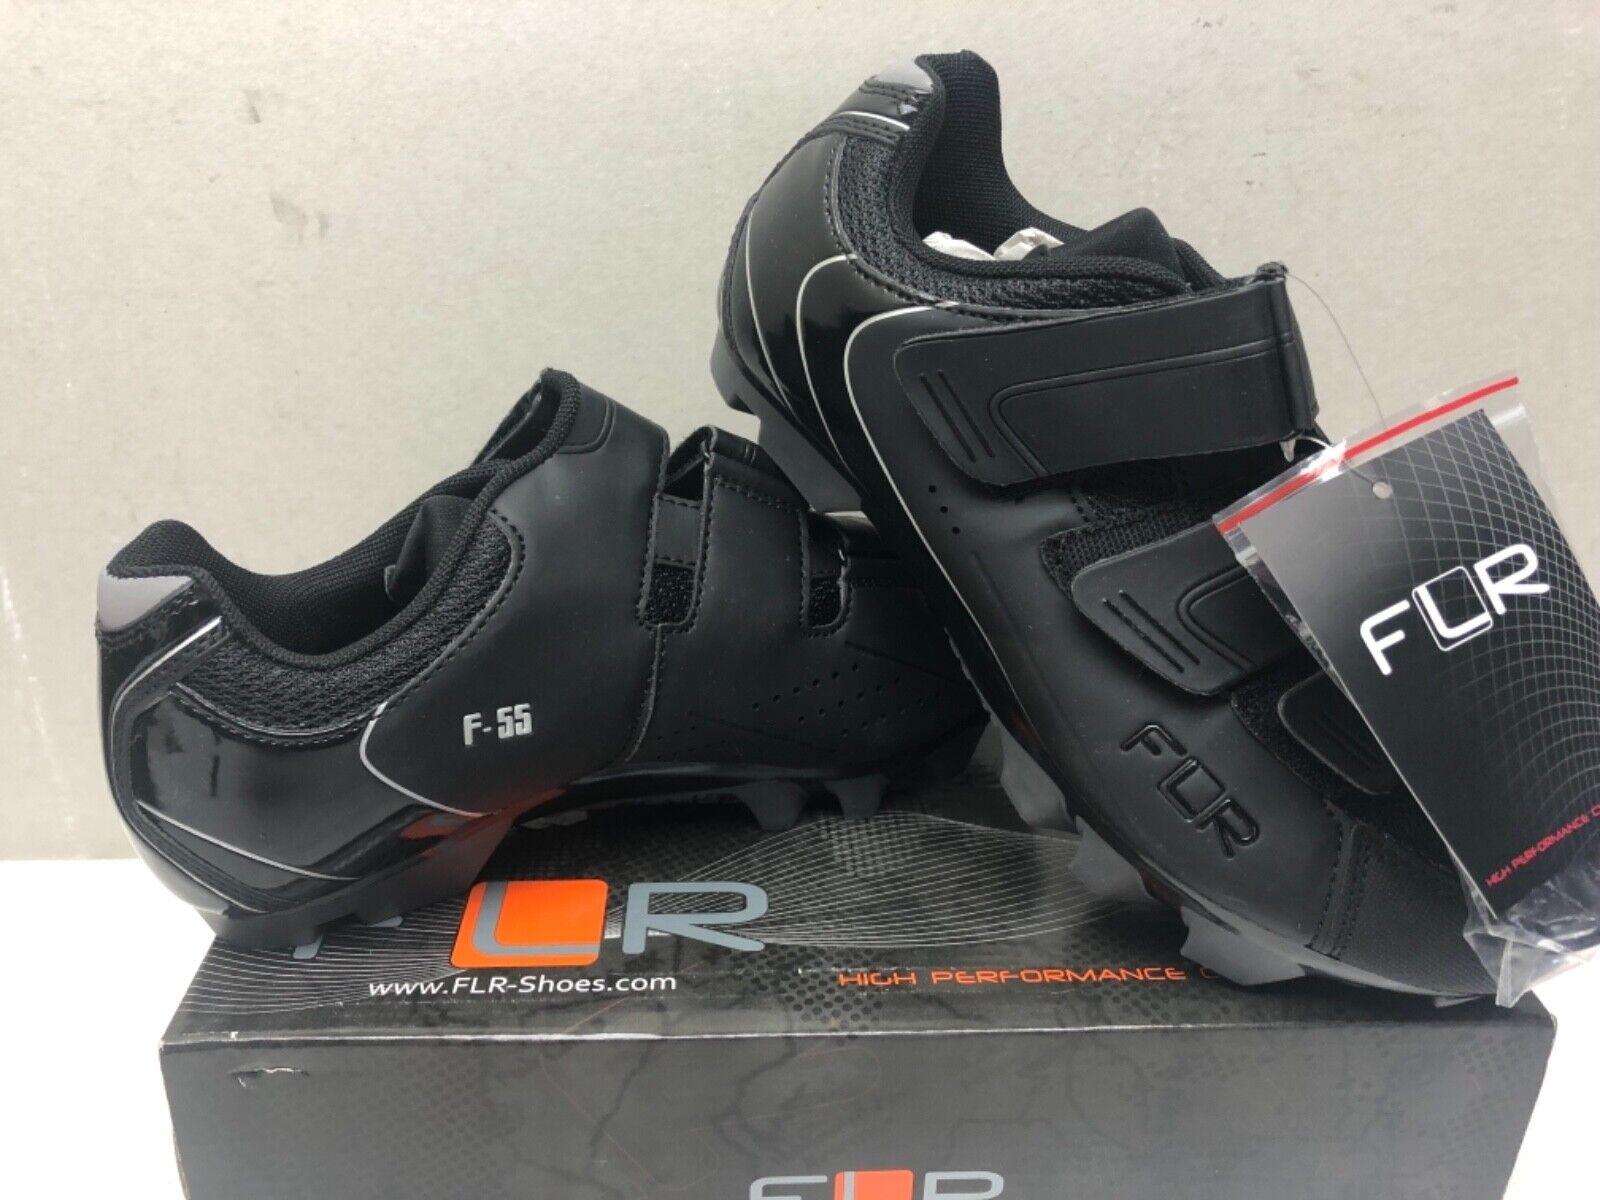 FLR F55 Scarpe MTB Ciclismo III in Nero Taglia EU 39